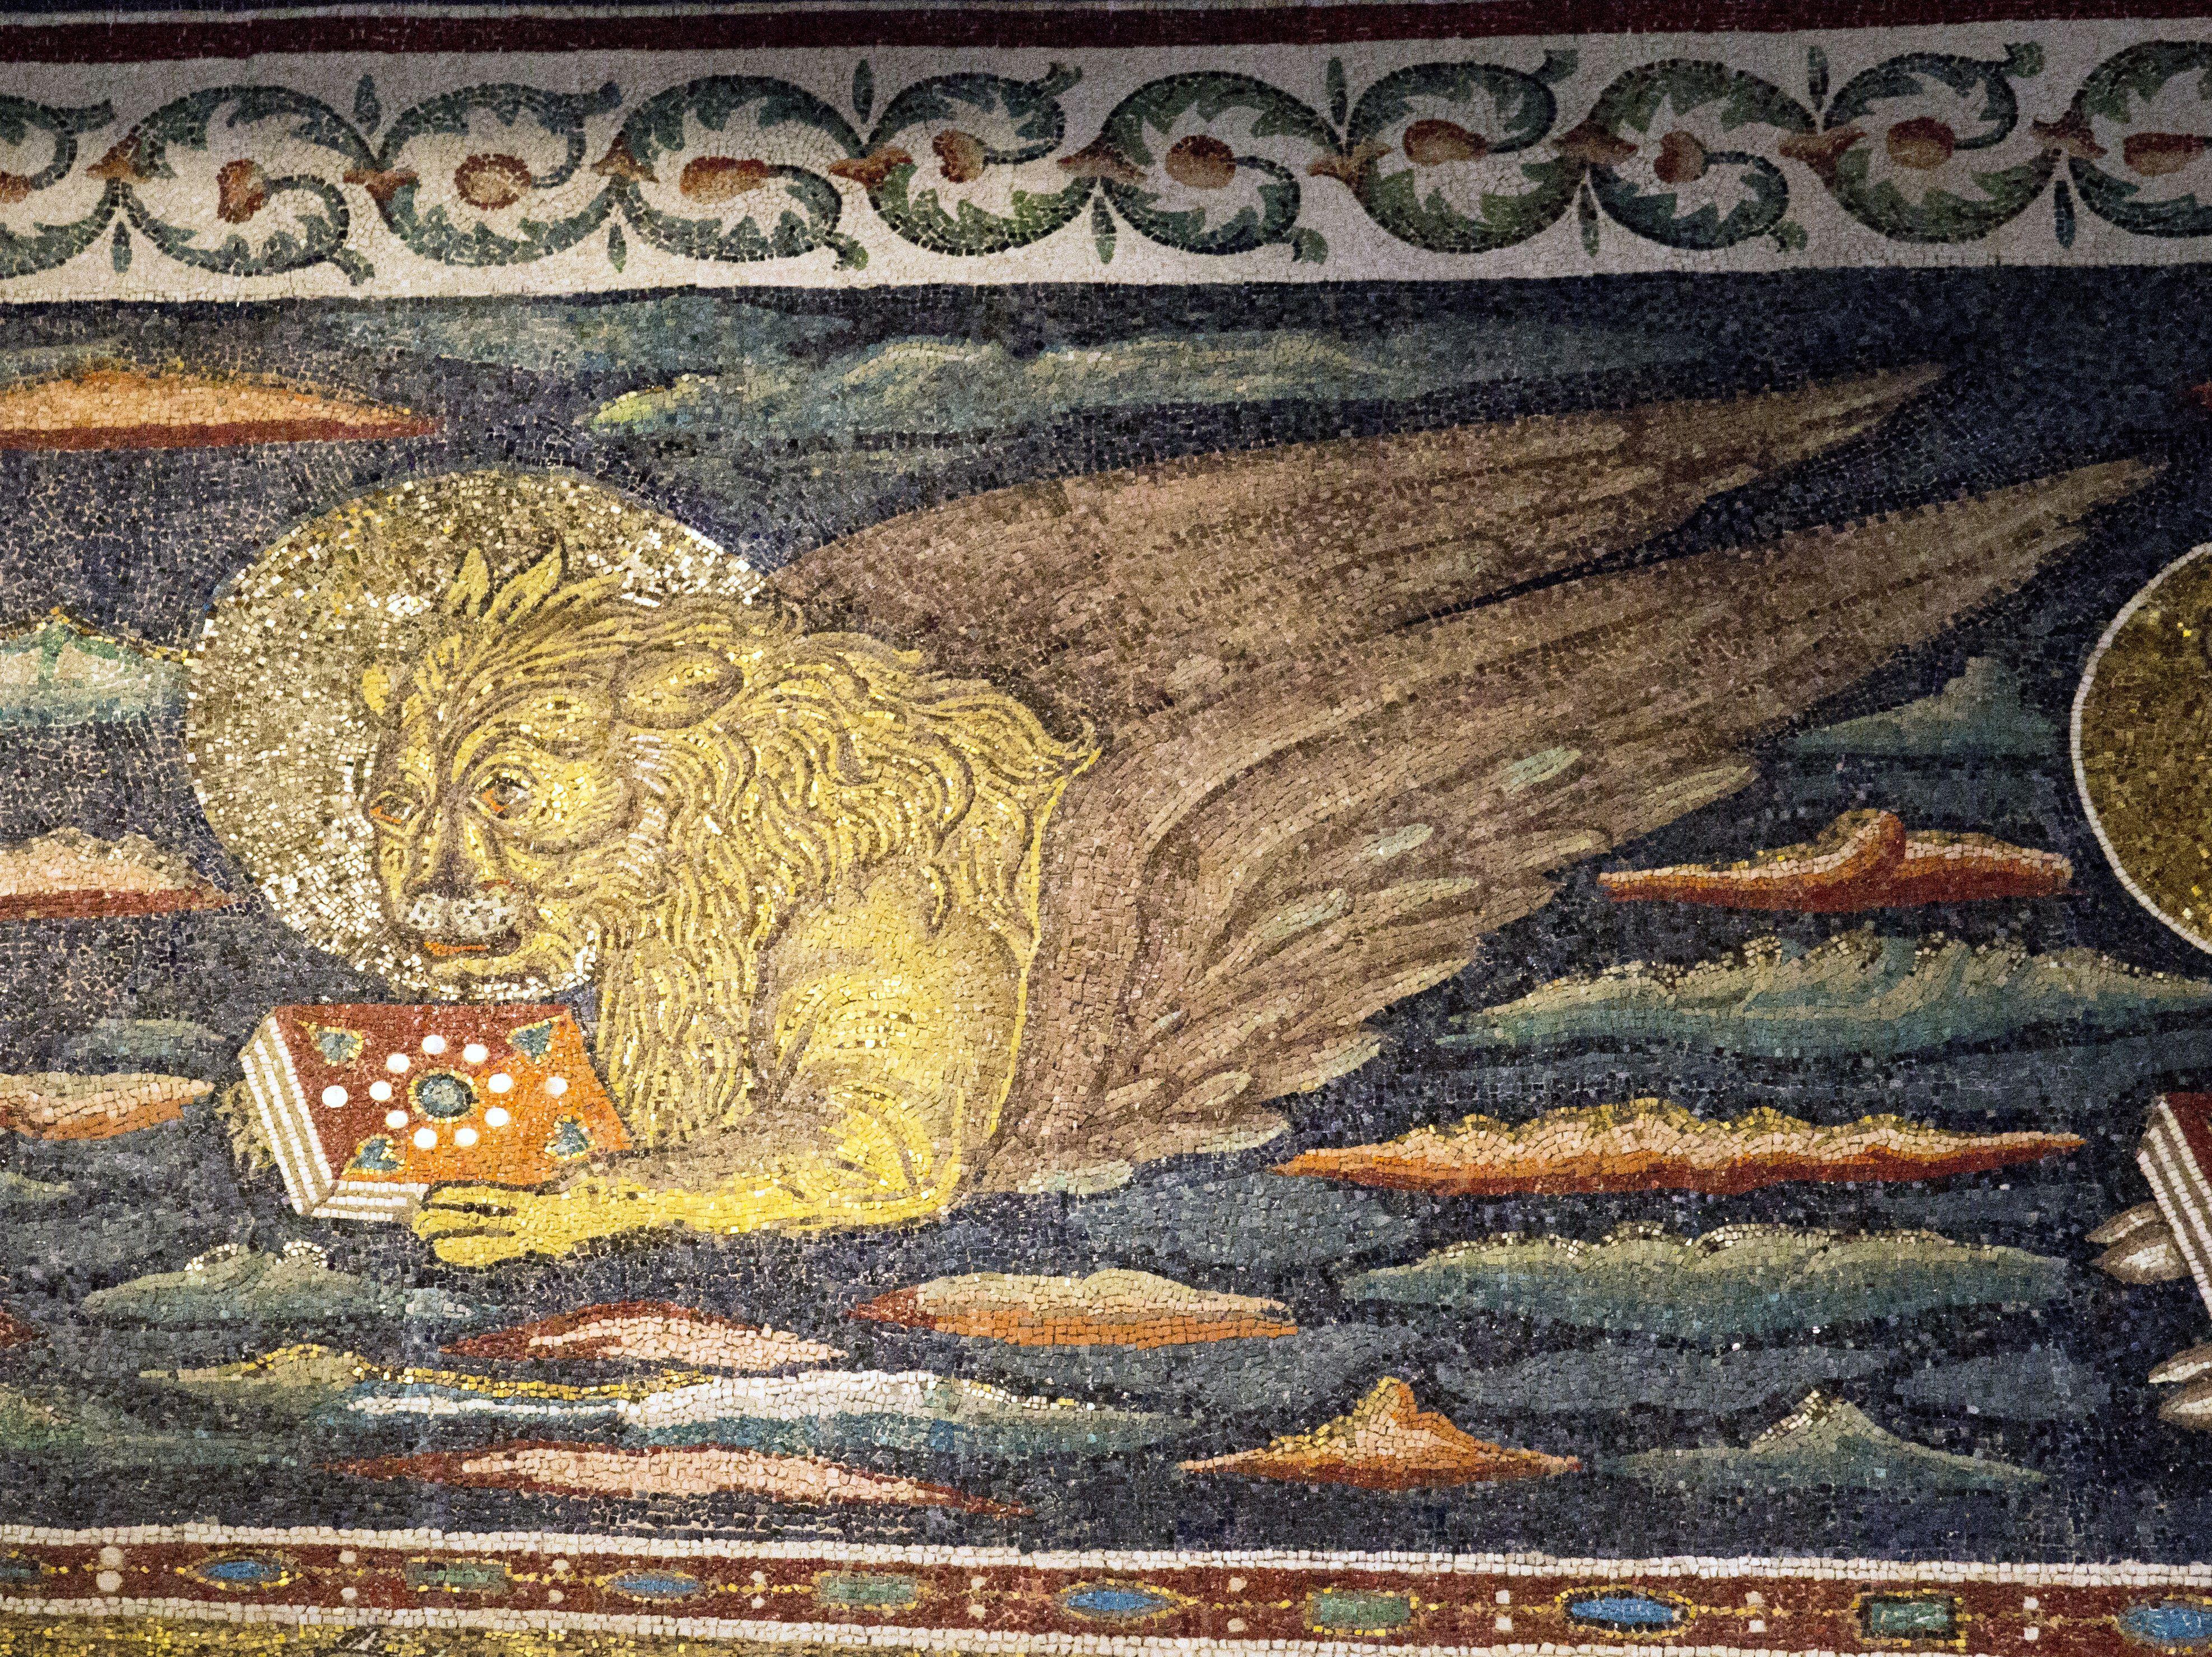 Basilica di Sant'Apollinare in Classe. Il mosaico del registro superiore dell'arco trionfale. Il leone - Il simbolo dell'Evangelista Marco. 535-549